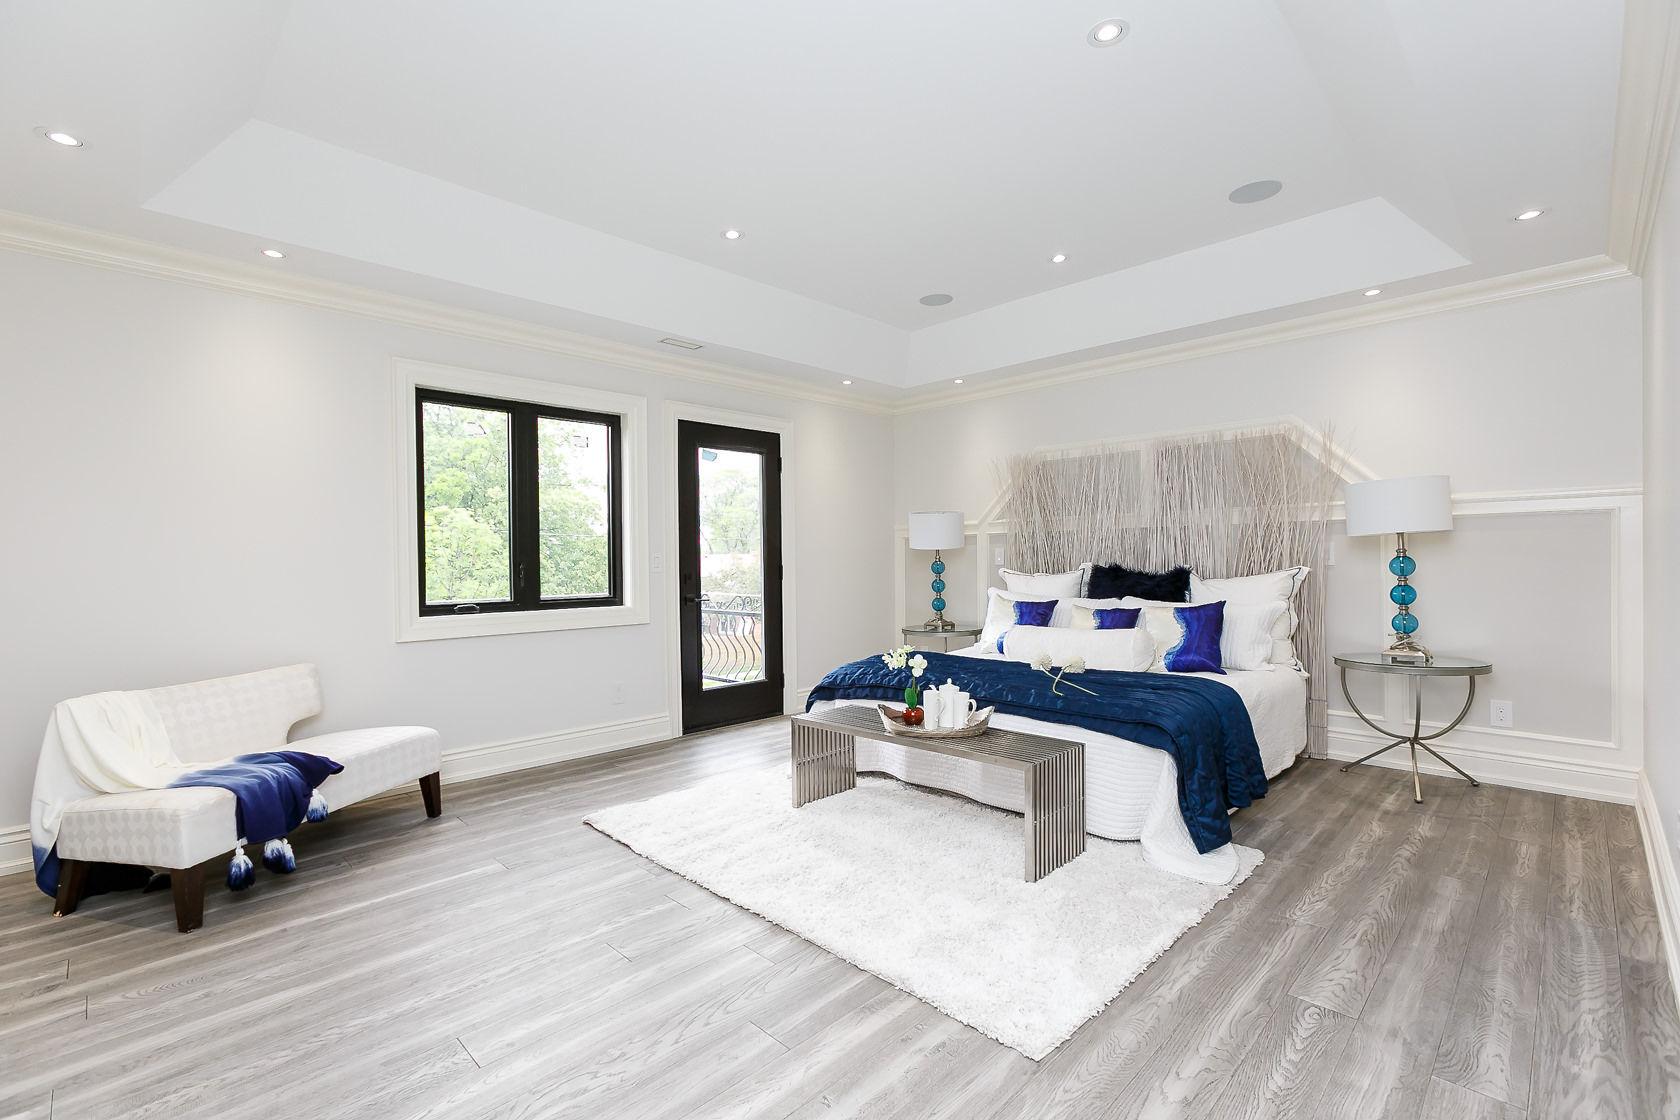 Master Bedroom, 49 Rossburn, Etobicoke Home Staging